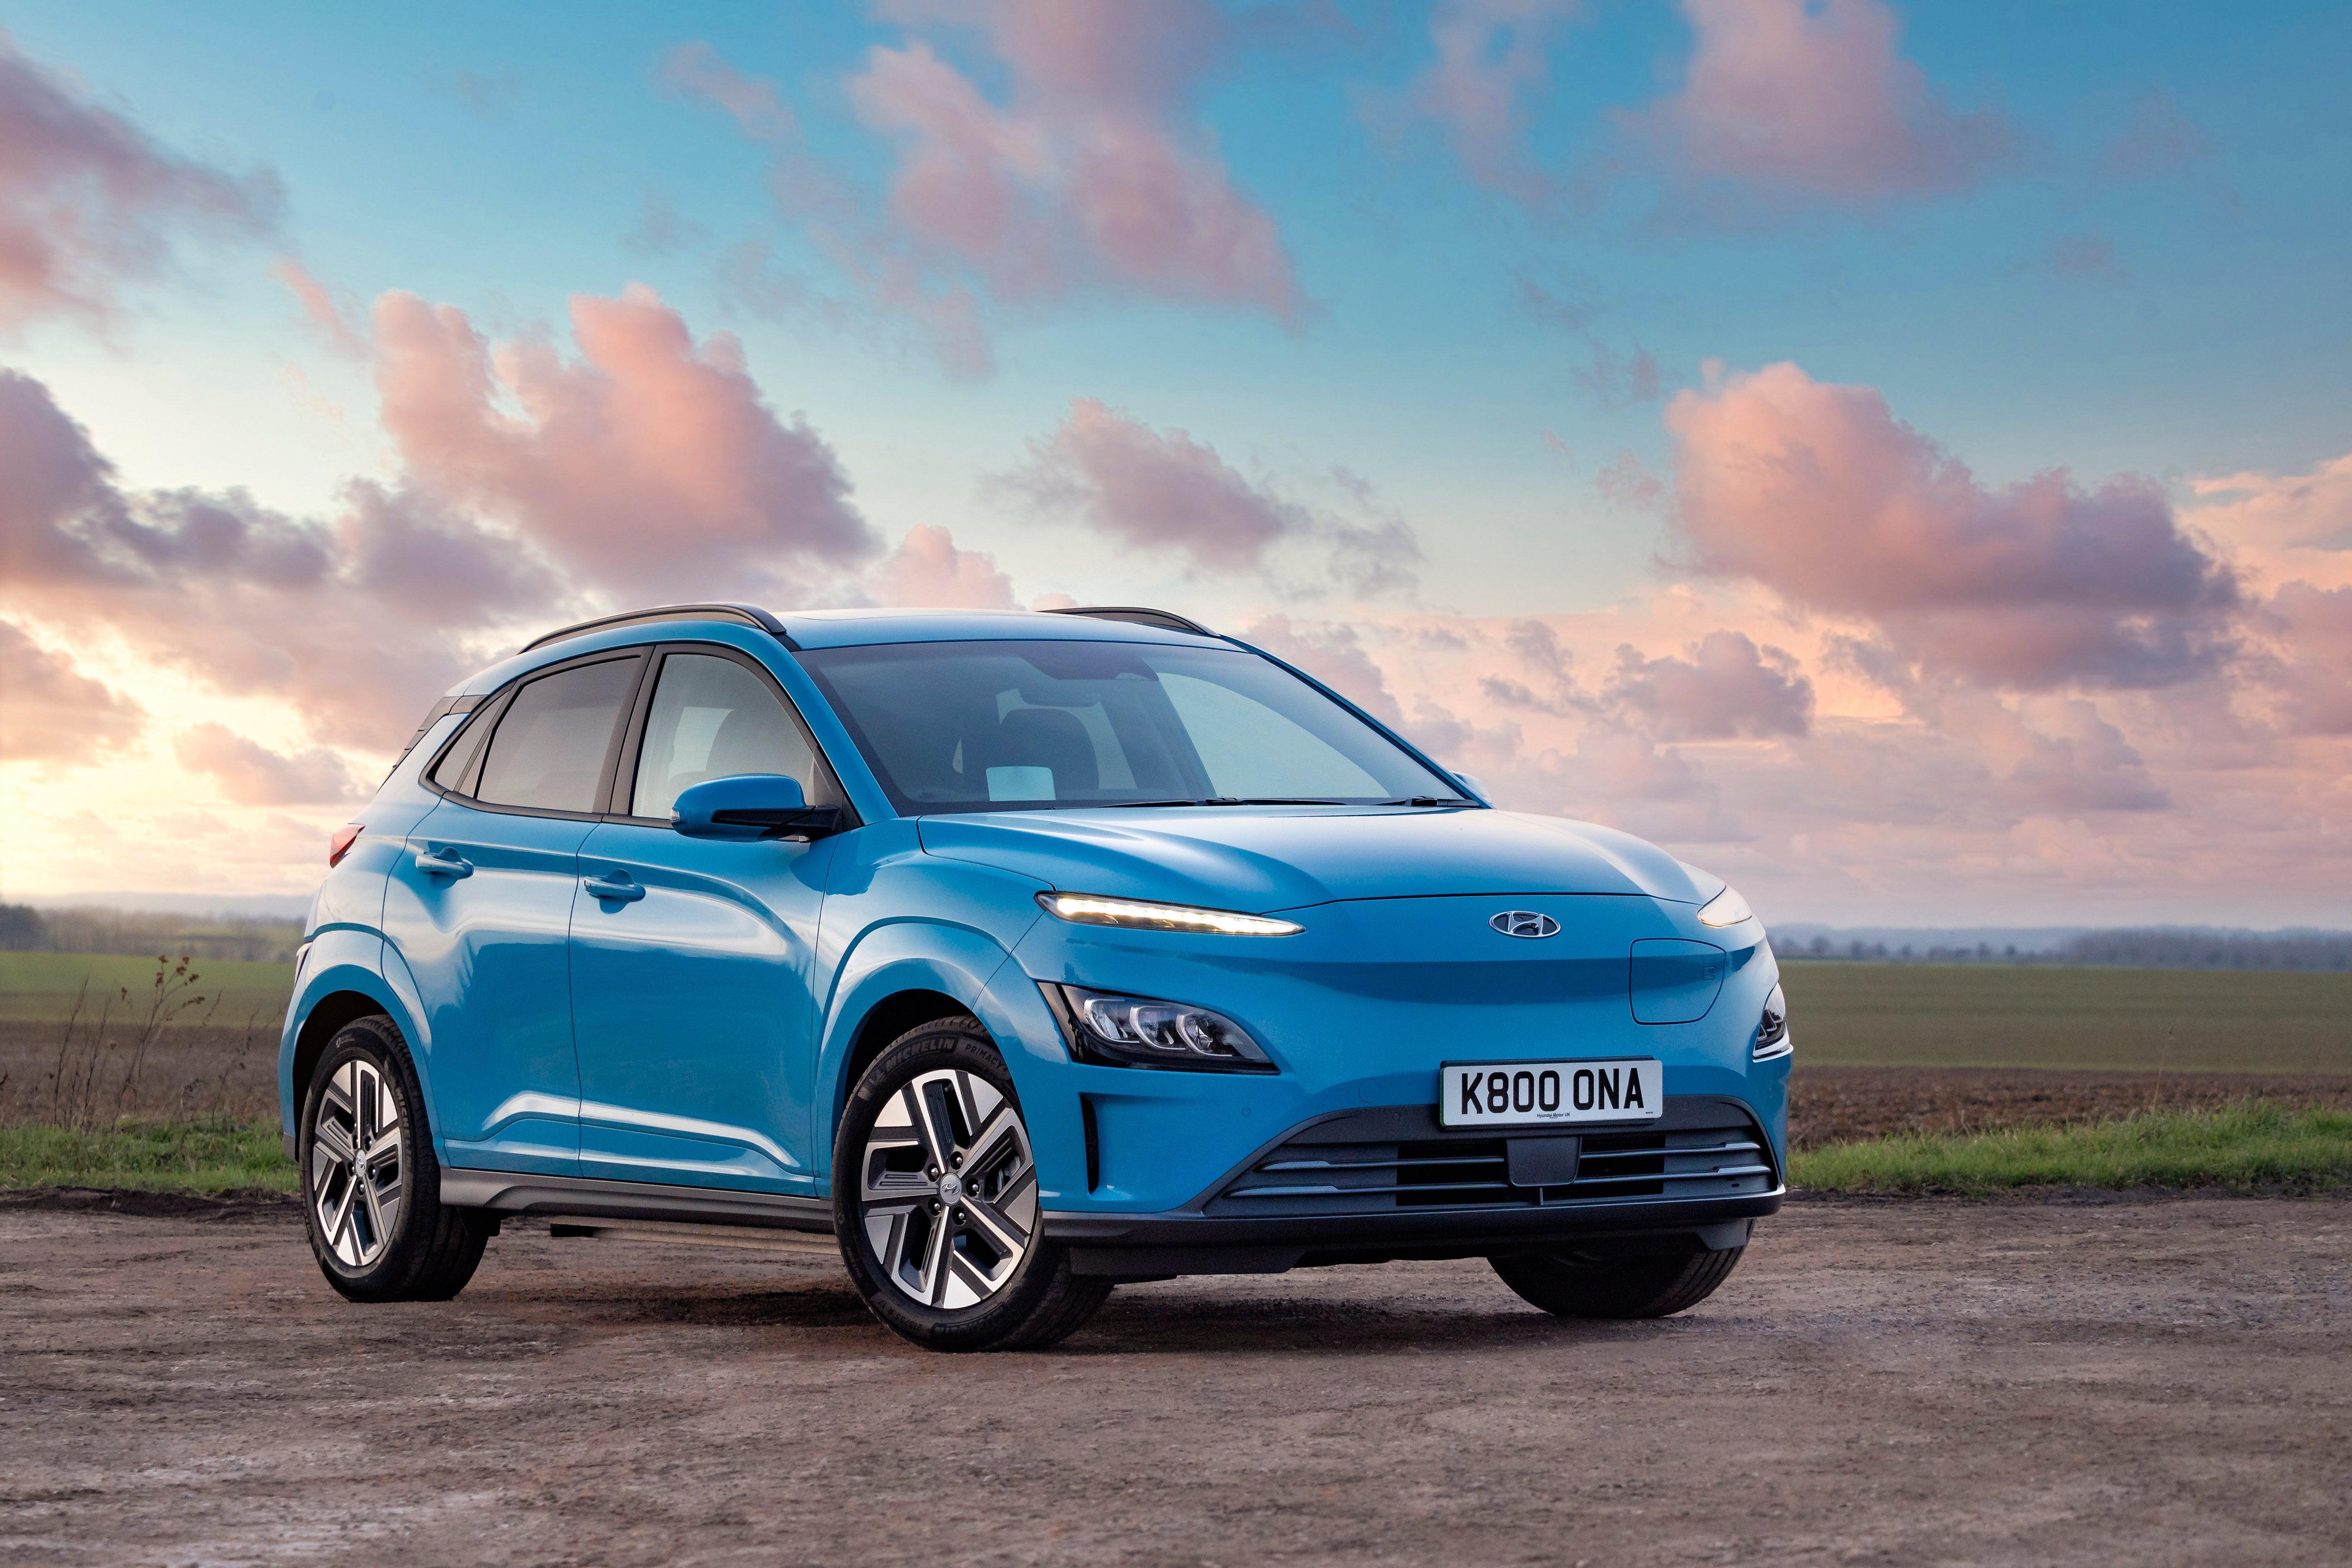 Hyundai Kona Electric Review 2021 front-three quarter